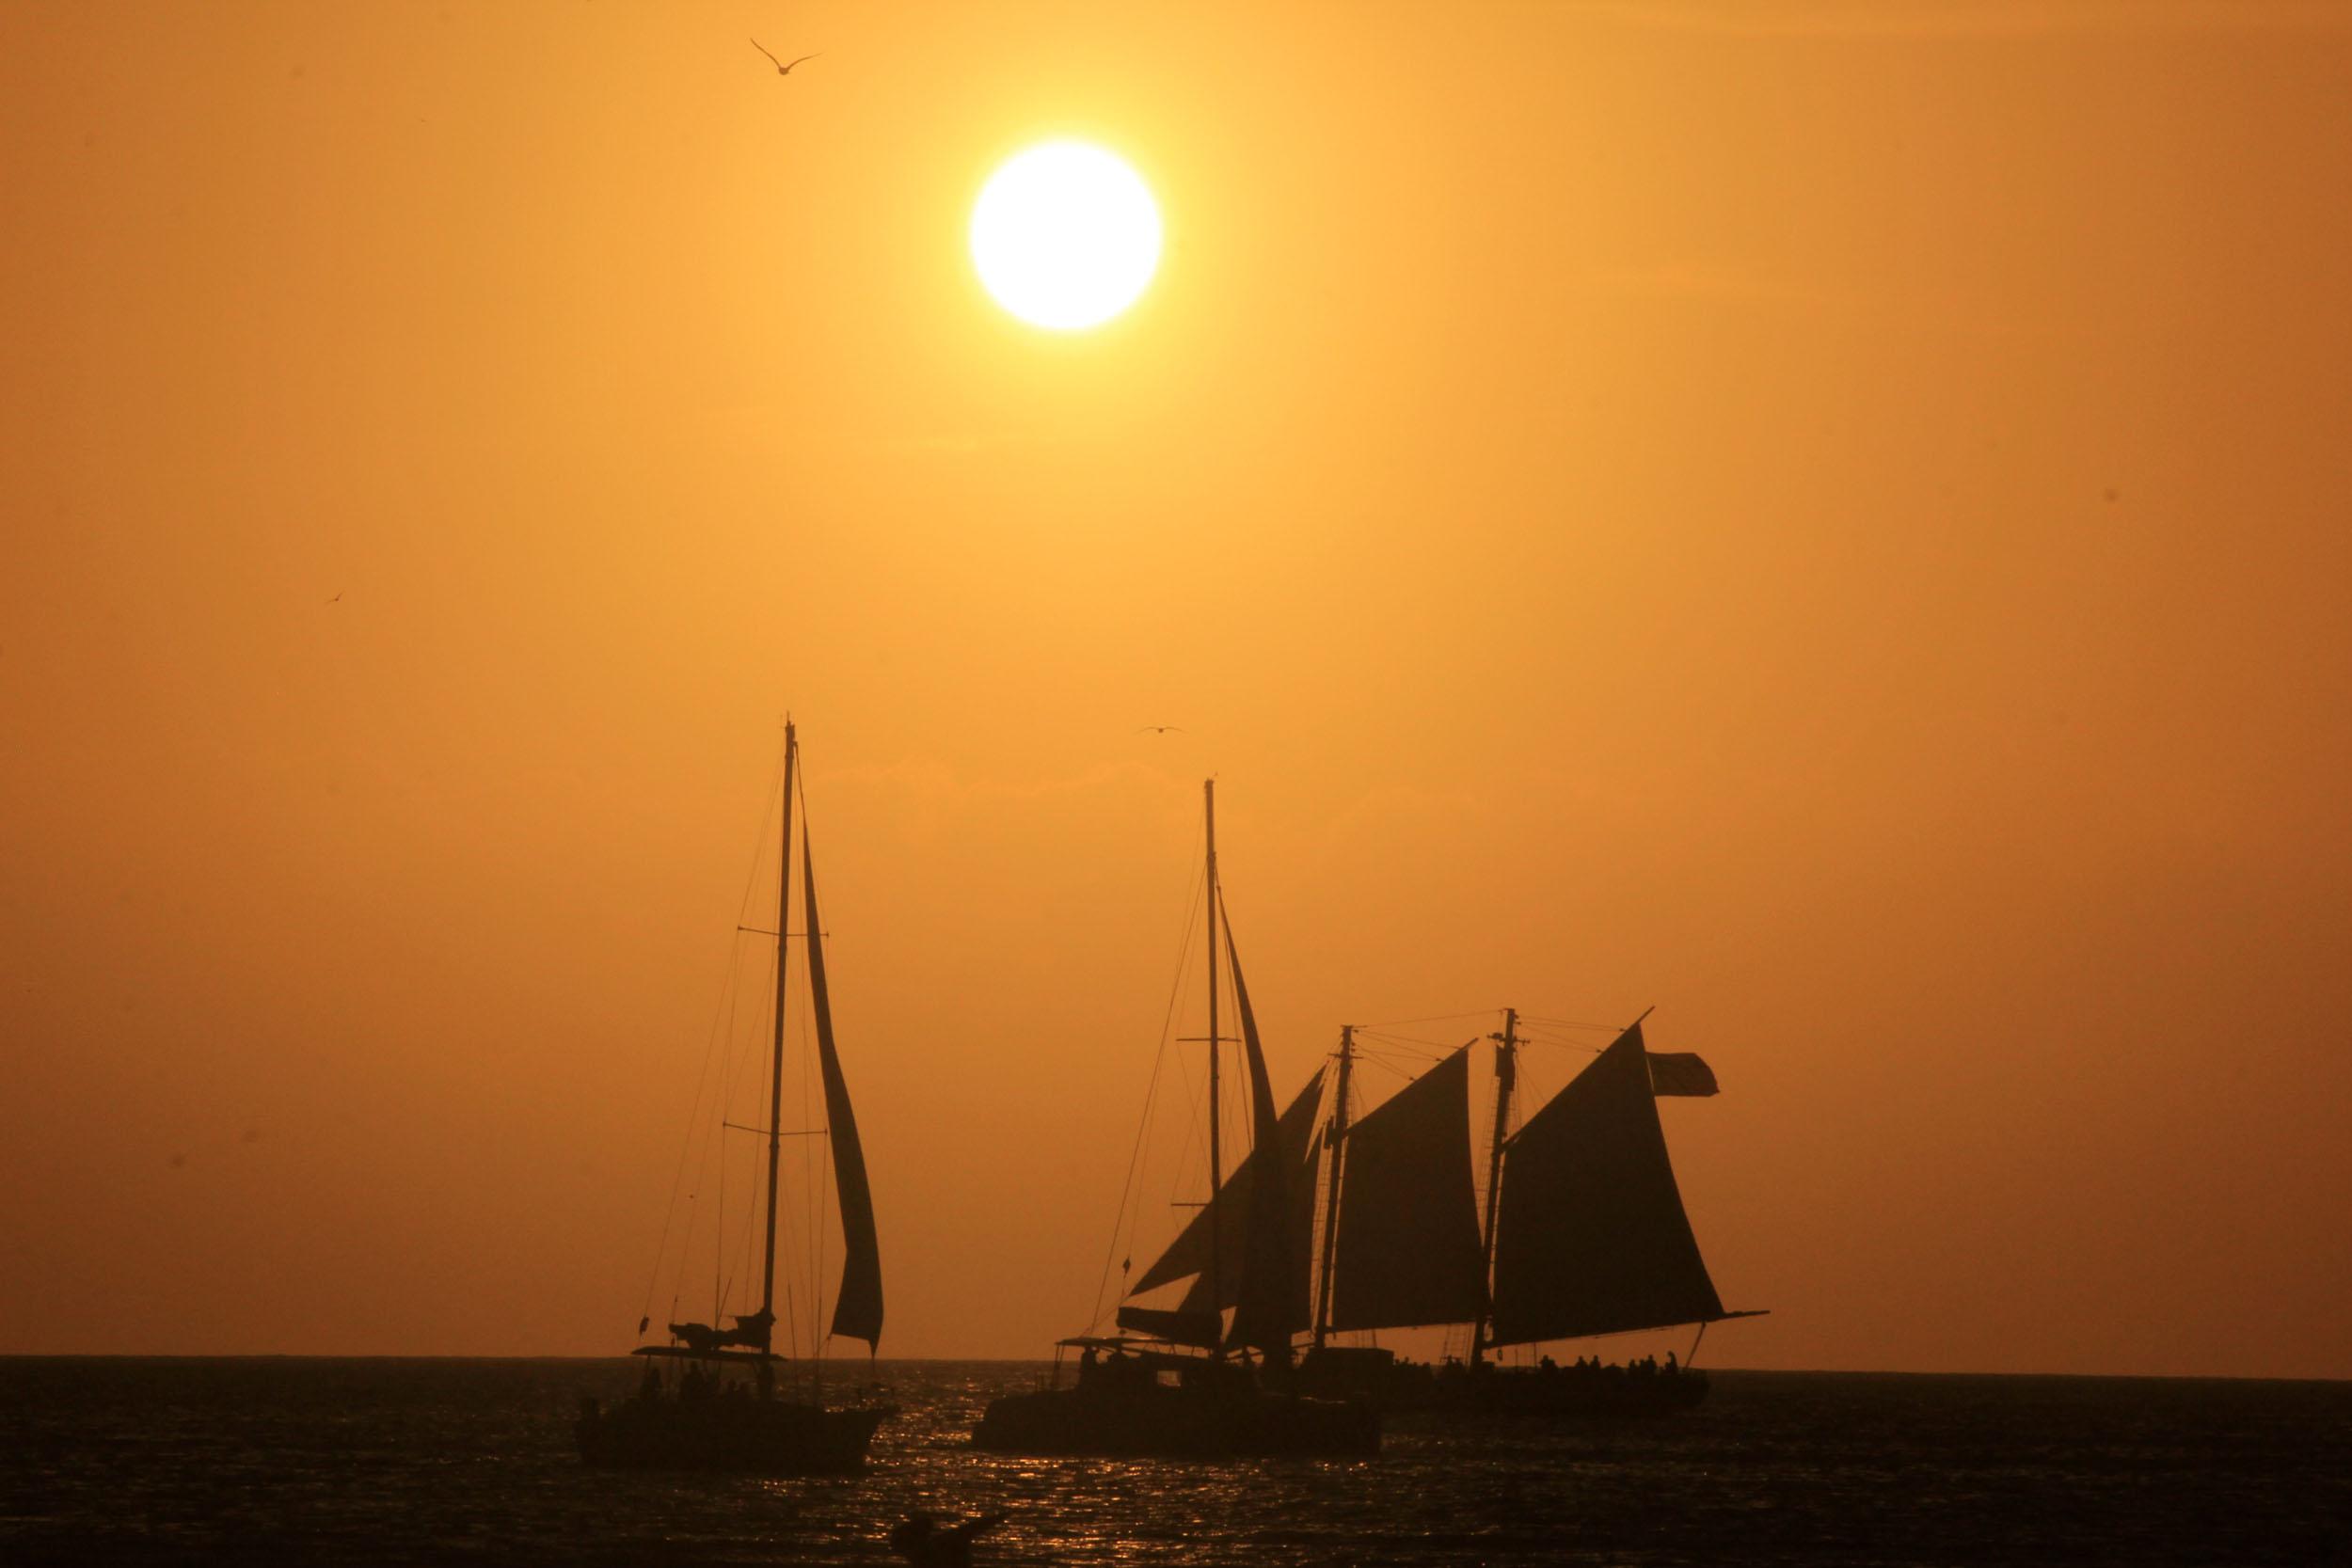 Boats under setting sun